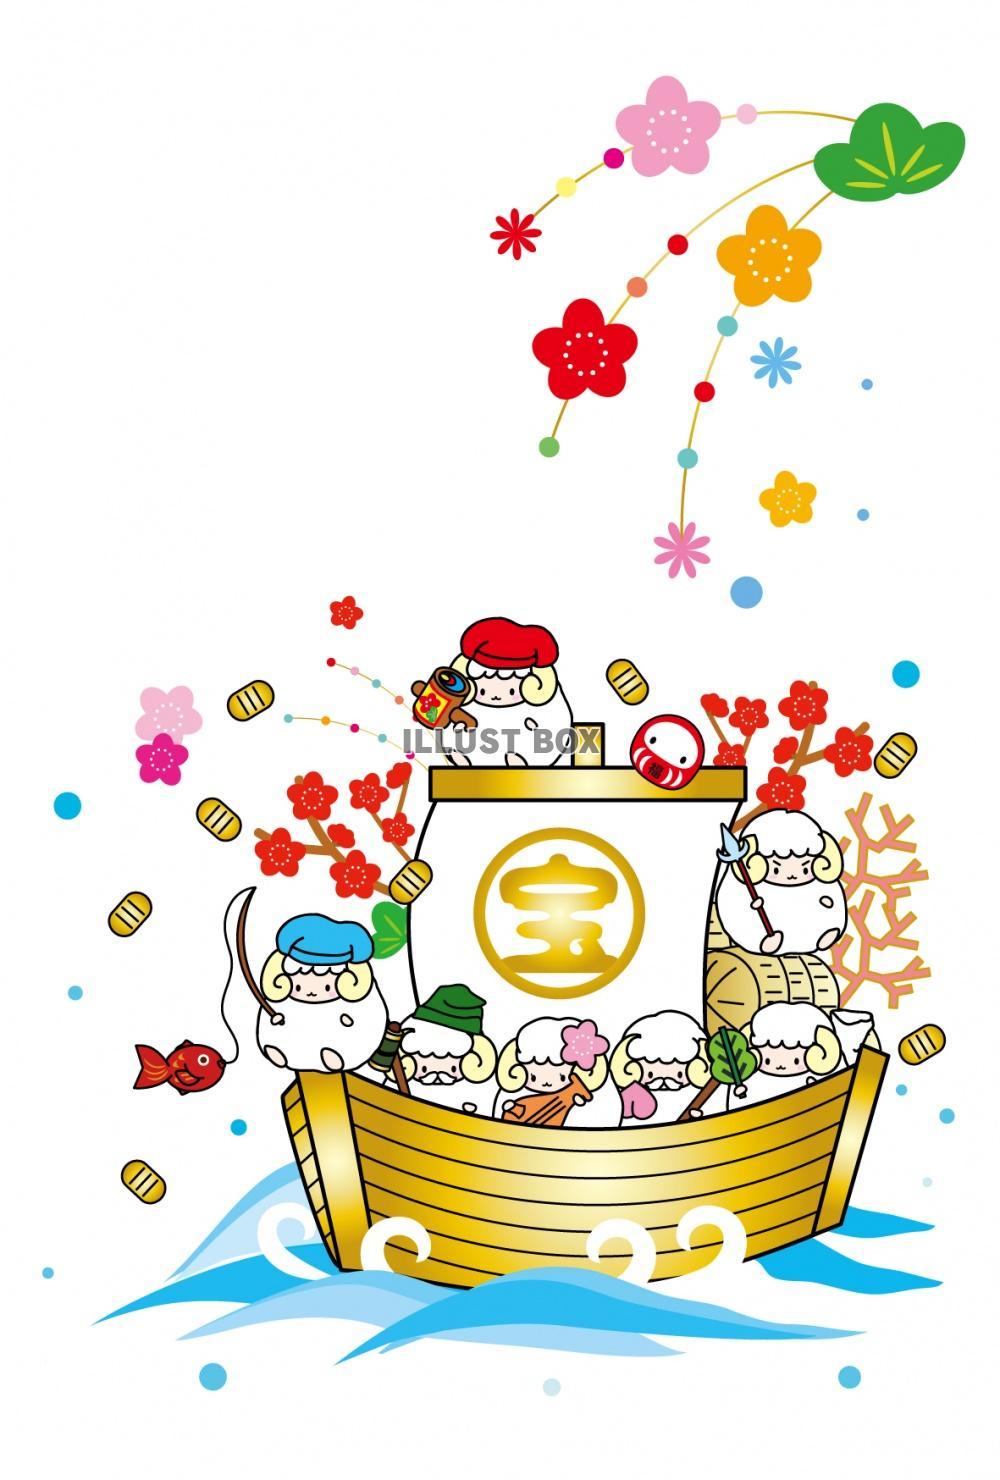 無料イラスト 15年ひつじの七福神 年賀状素材